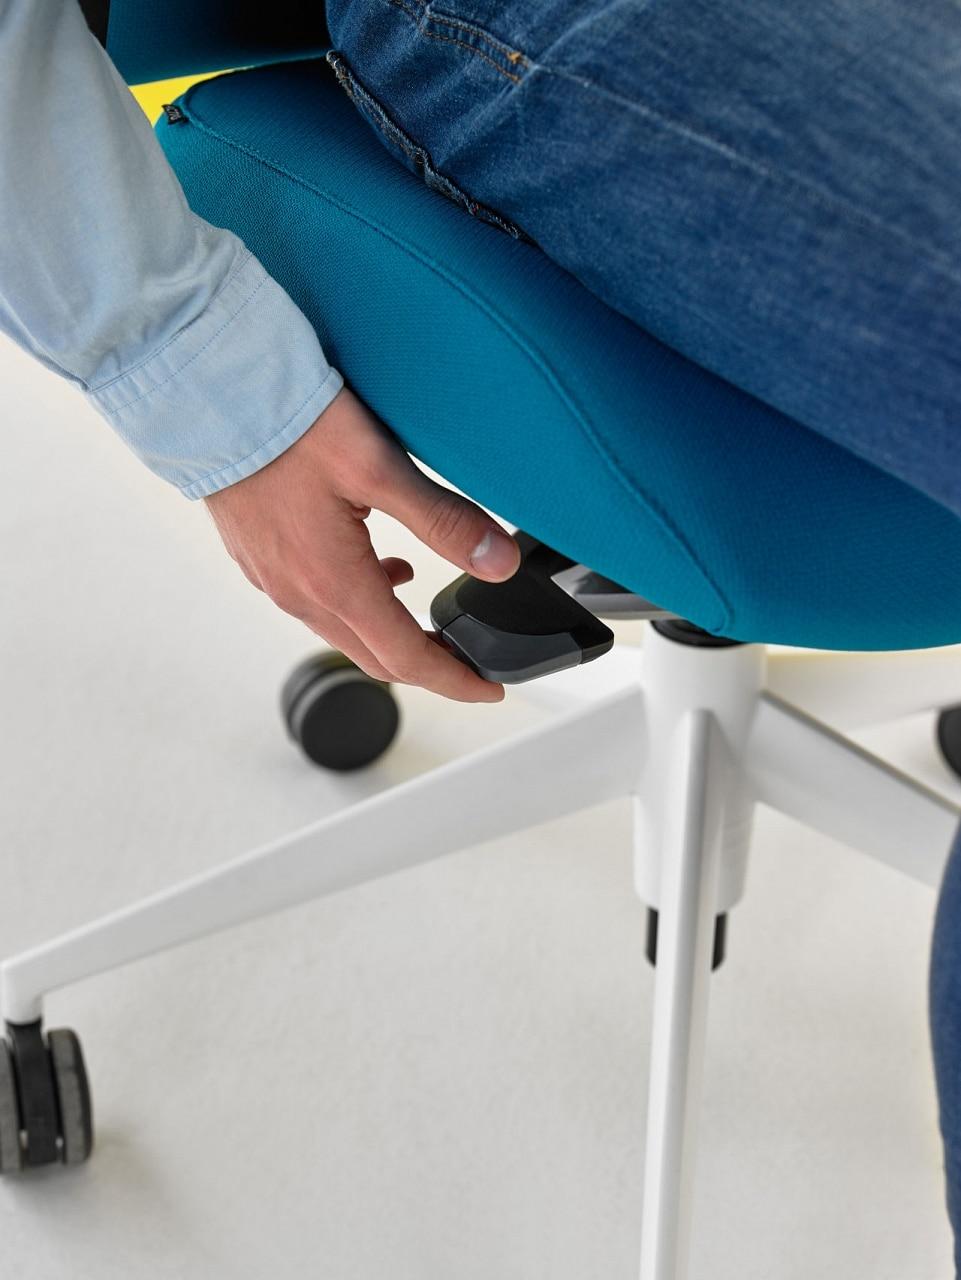 ajuster la hauteur de la chaise de bureau